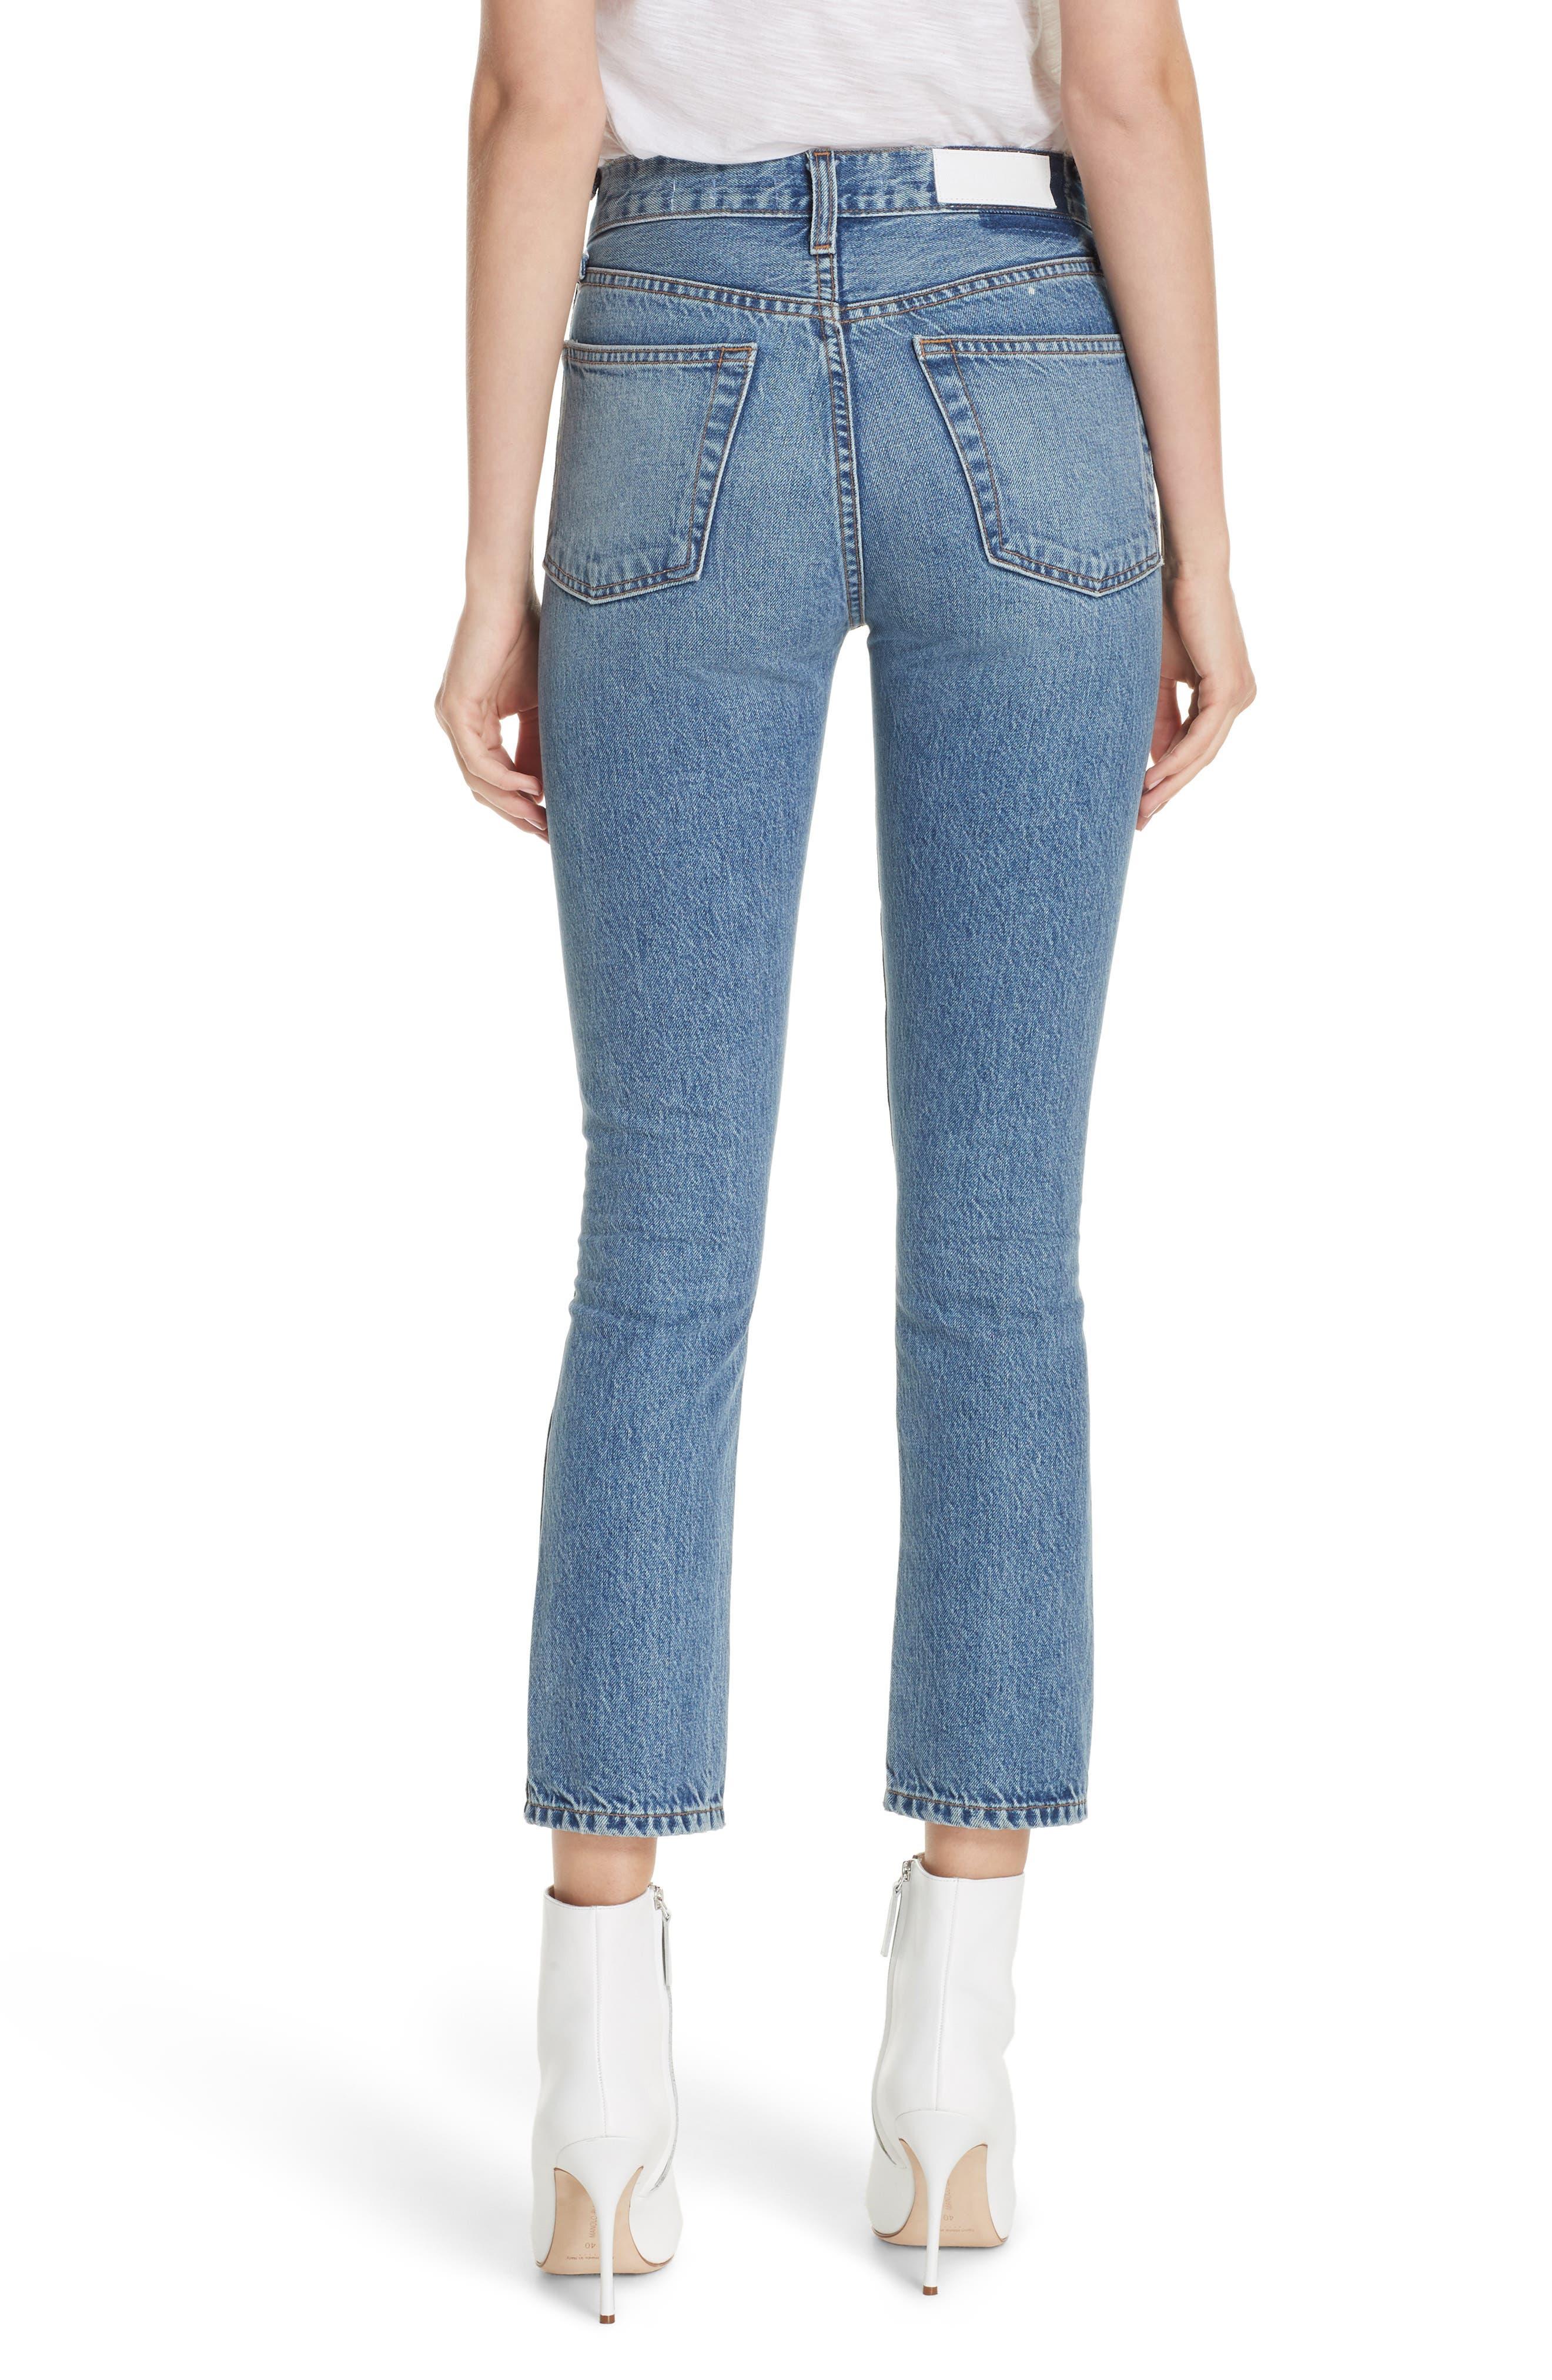 Originals High Waist Double Needle Ankle Jeans,                             Alternate thumbnail 2, color,                             400